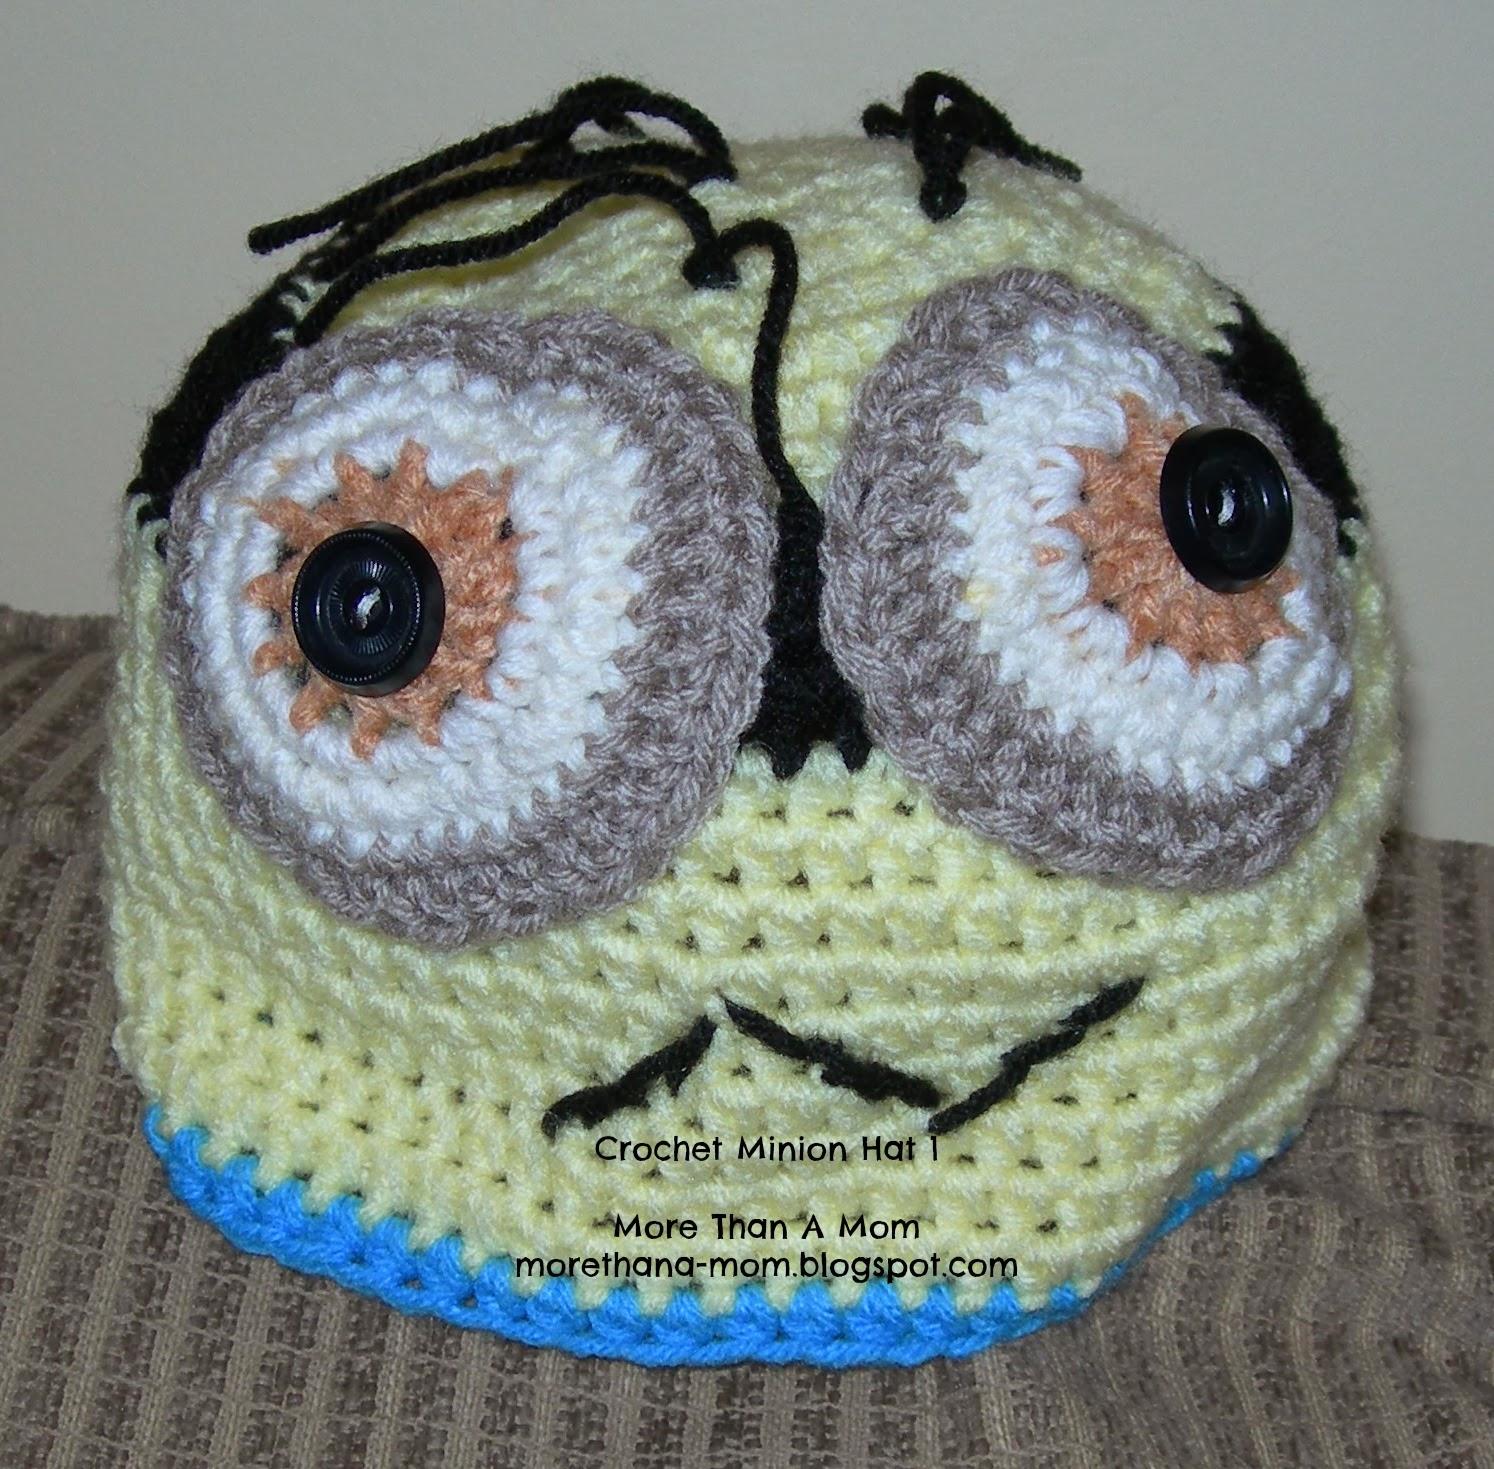 Assemble the Minions! 10 Free Minions Crochet Patterns